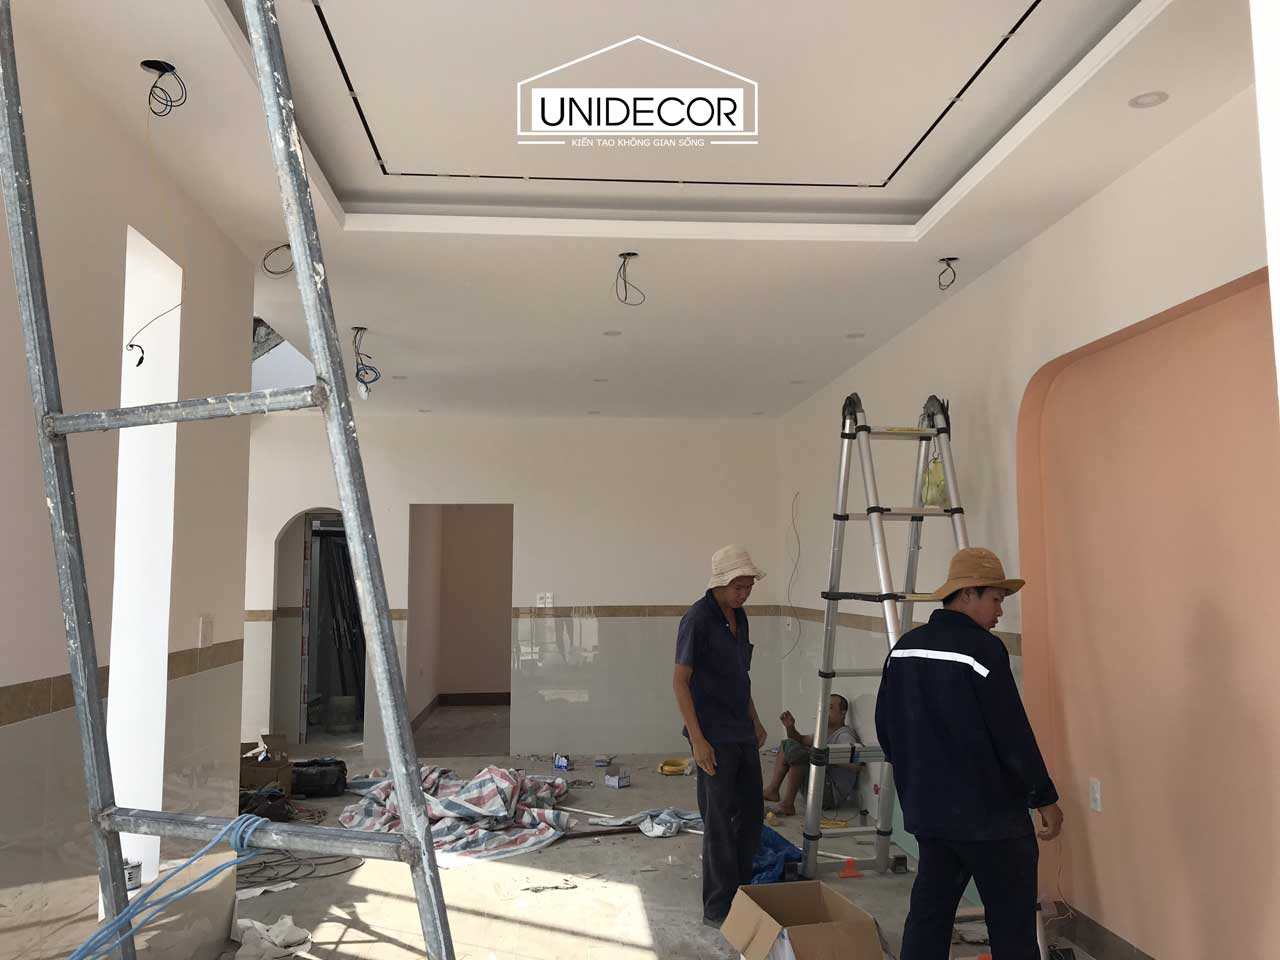 Đội thợ hoàn thiện phần điện và sơn nước